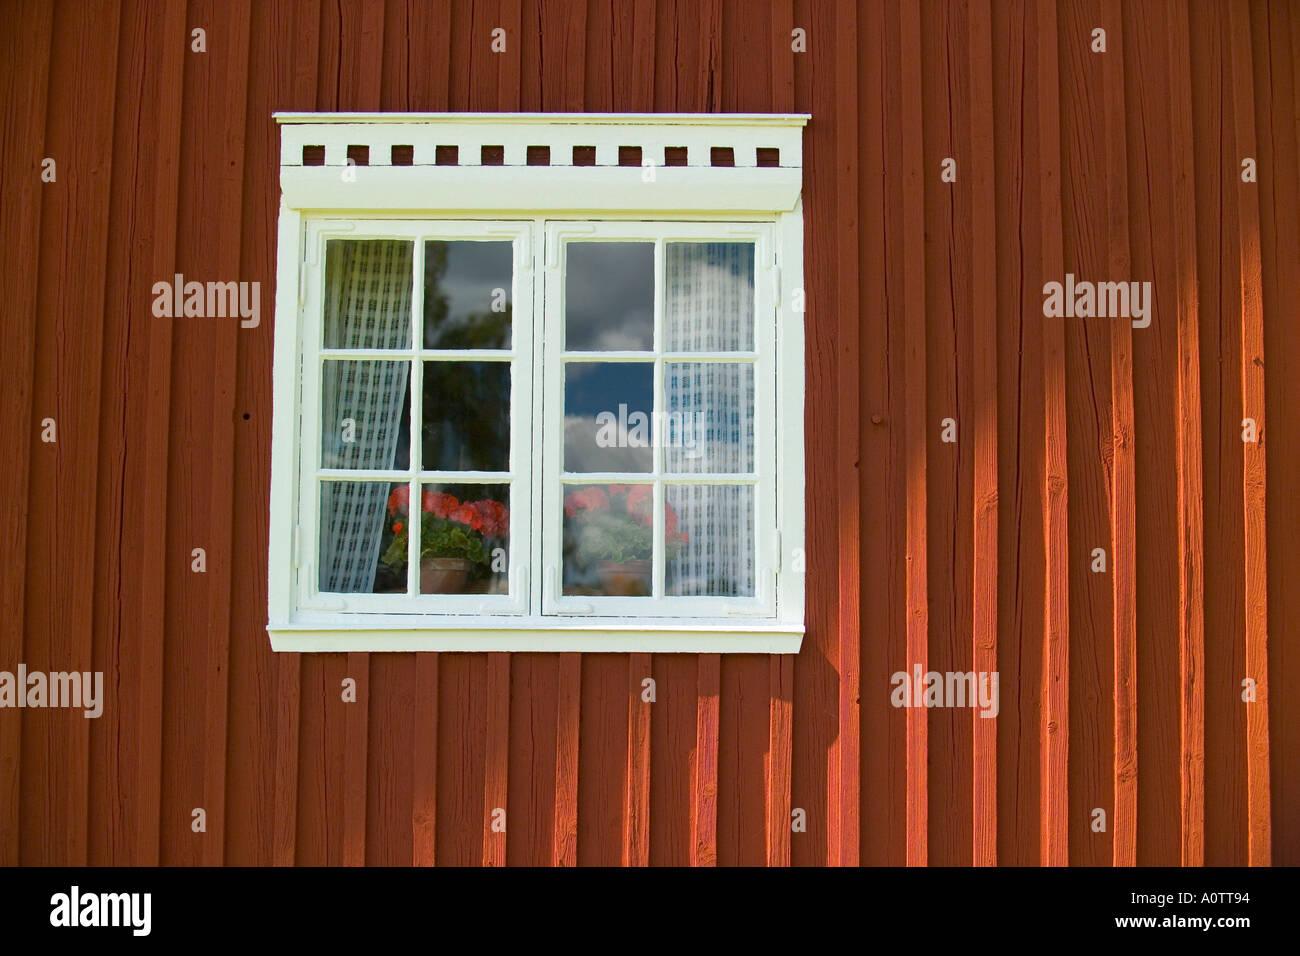 Fenster eines traditionellen finnischen Hauses am Kvarntorp in der Nähe von Torsby in Värmland Grafschaft Schweden Stockbild